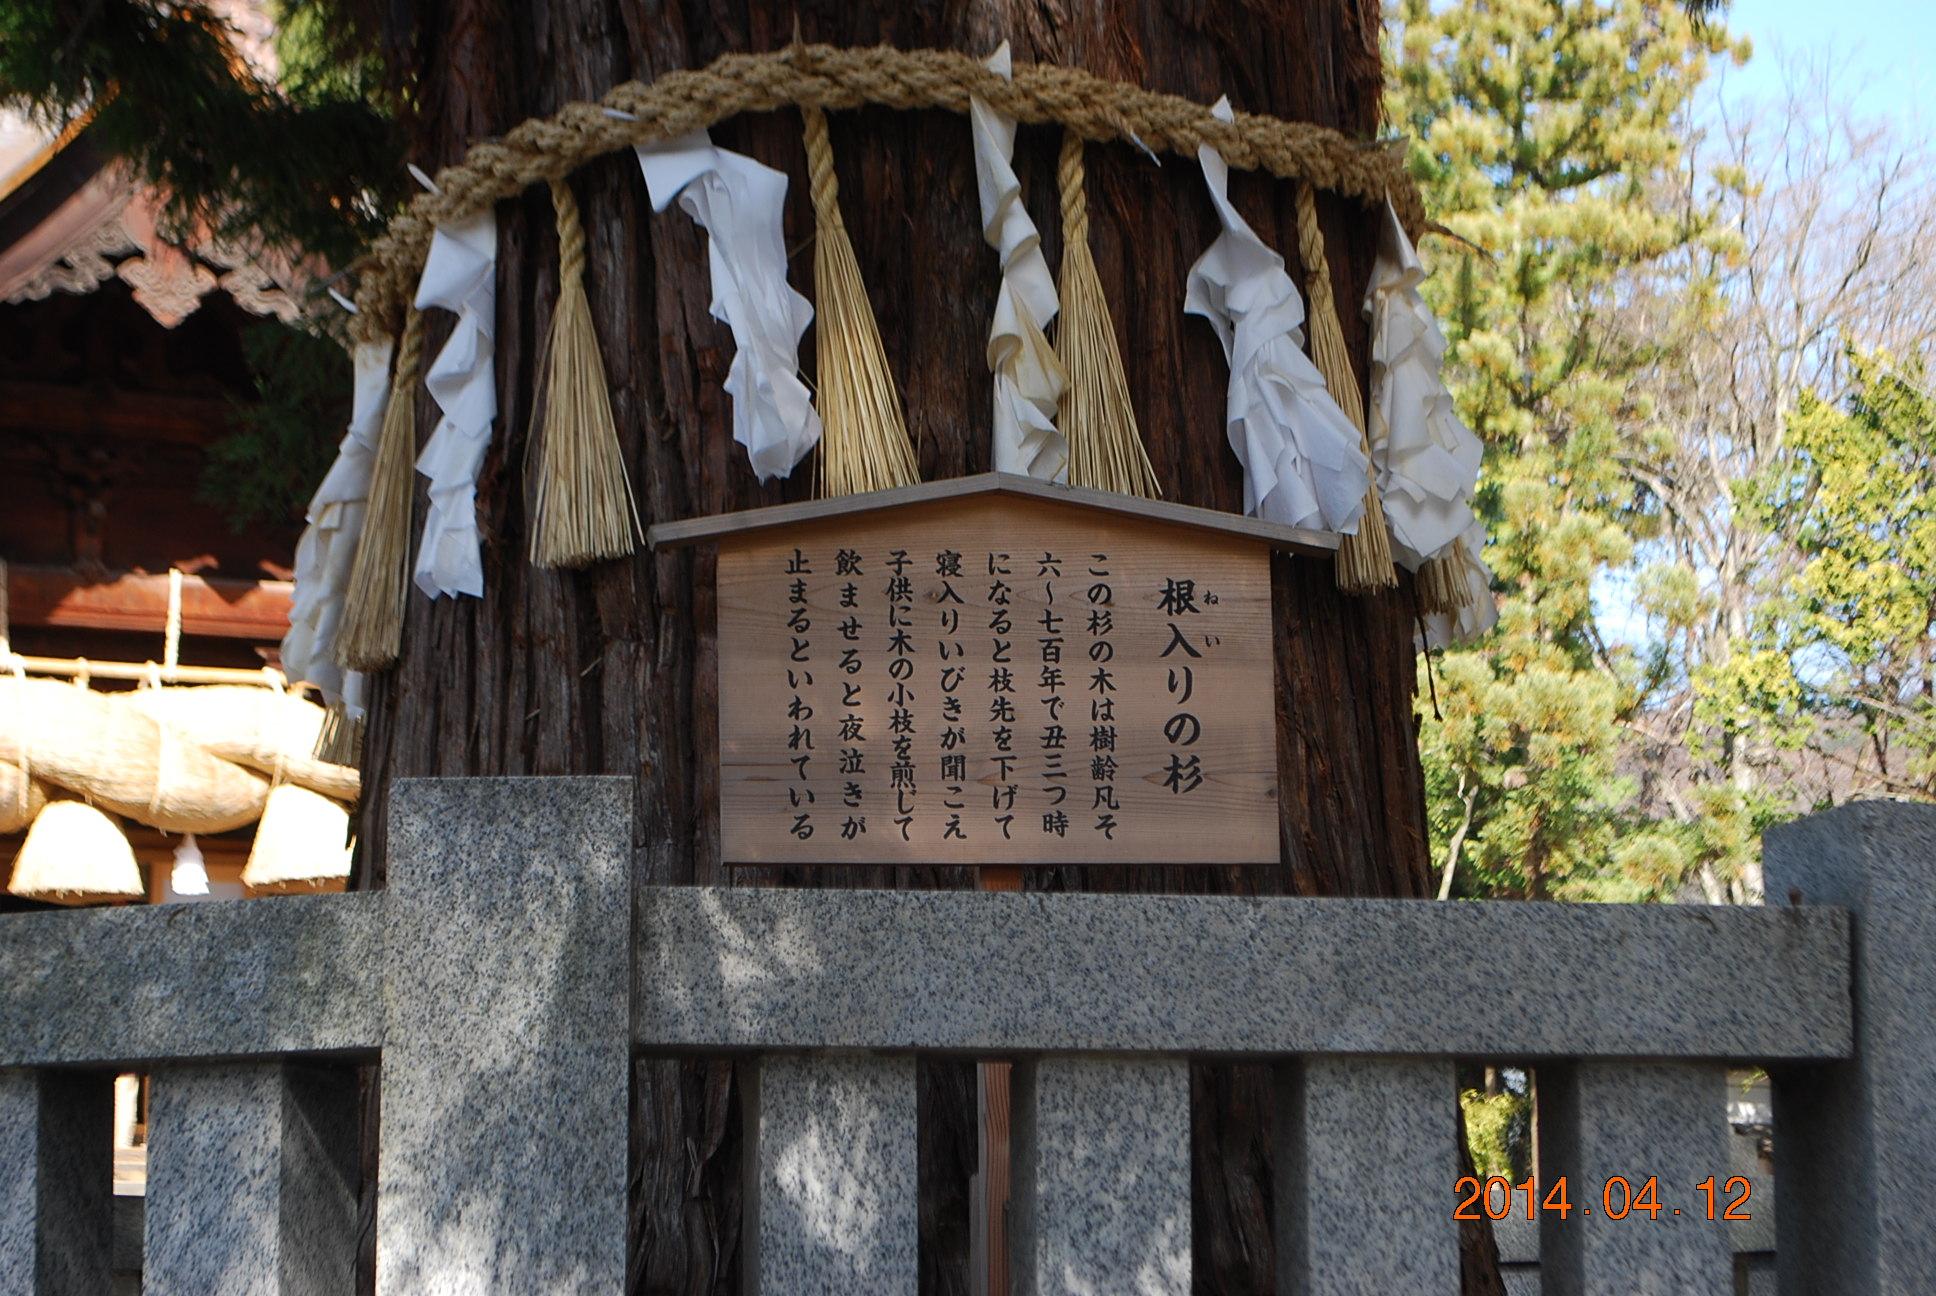 諏訪大社 根入りの杉